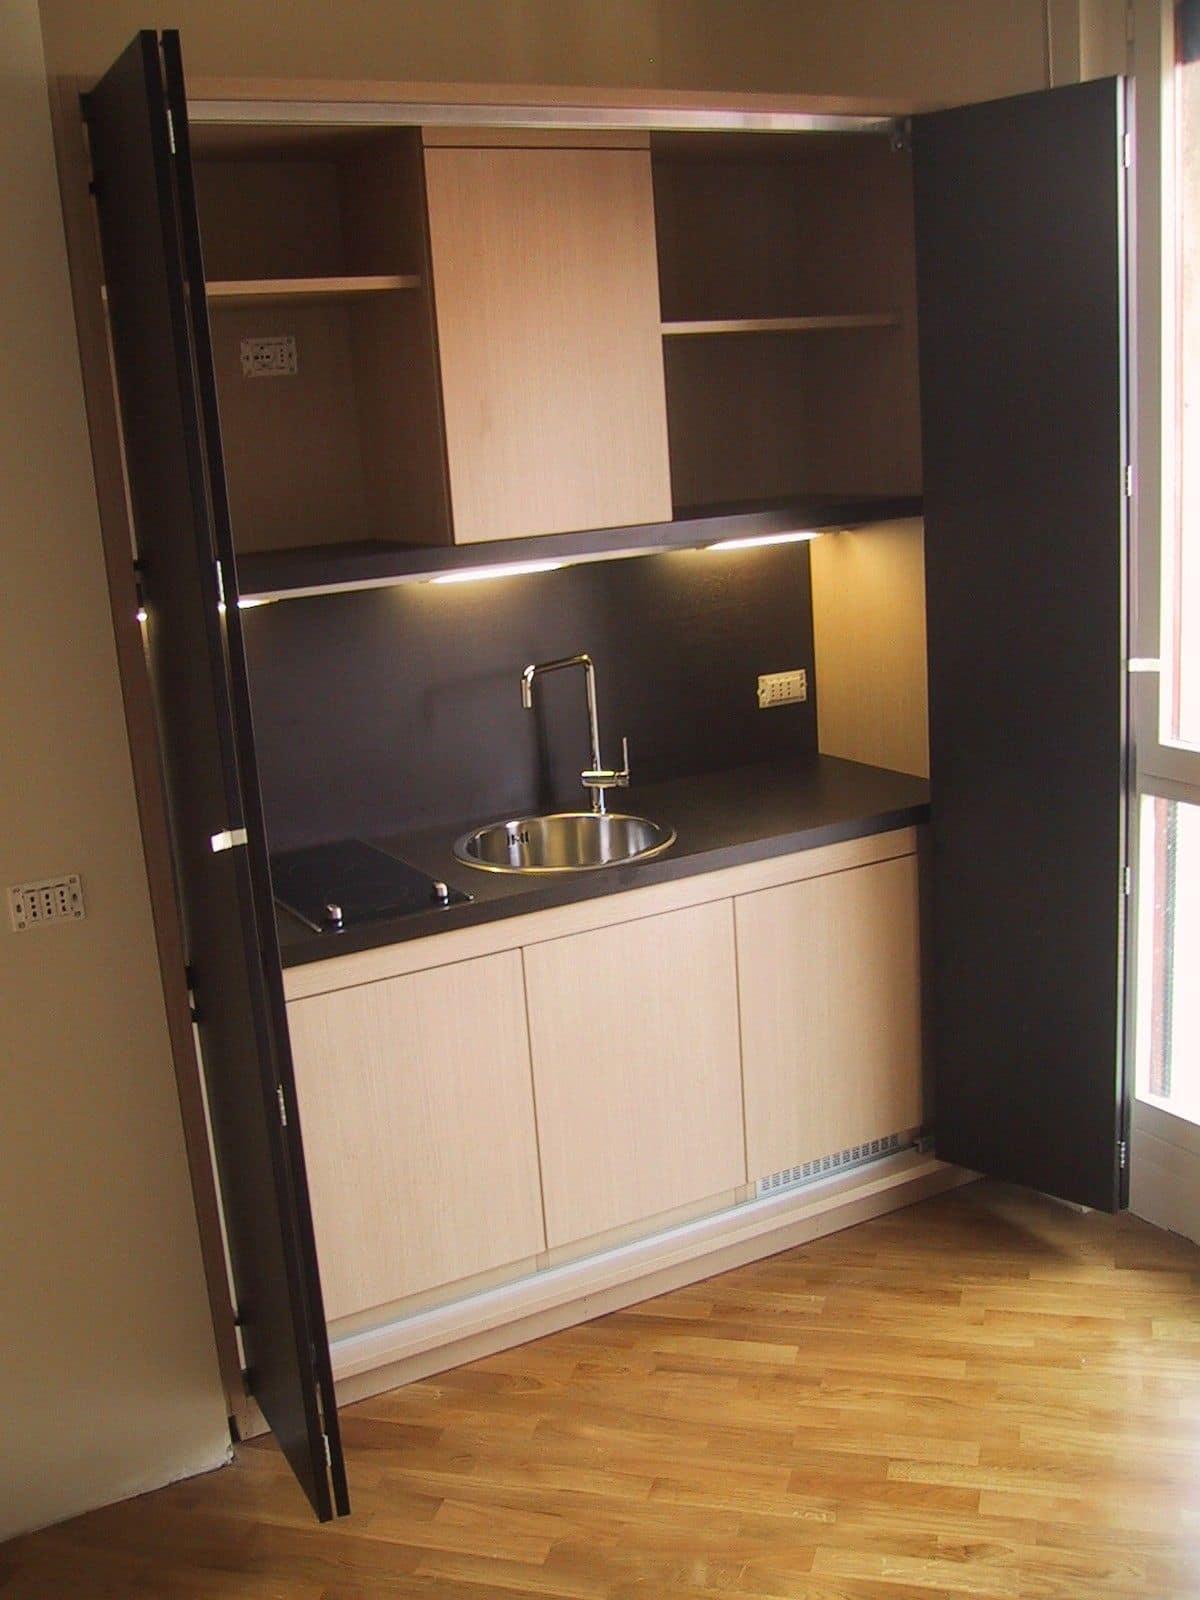 Cucine piccoli spazi gallery of idee cucina piccola ikea for Arredamento per piccoli ambienti